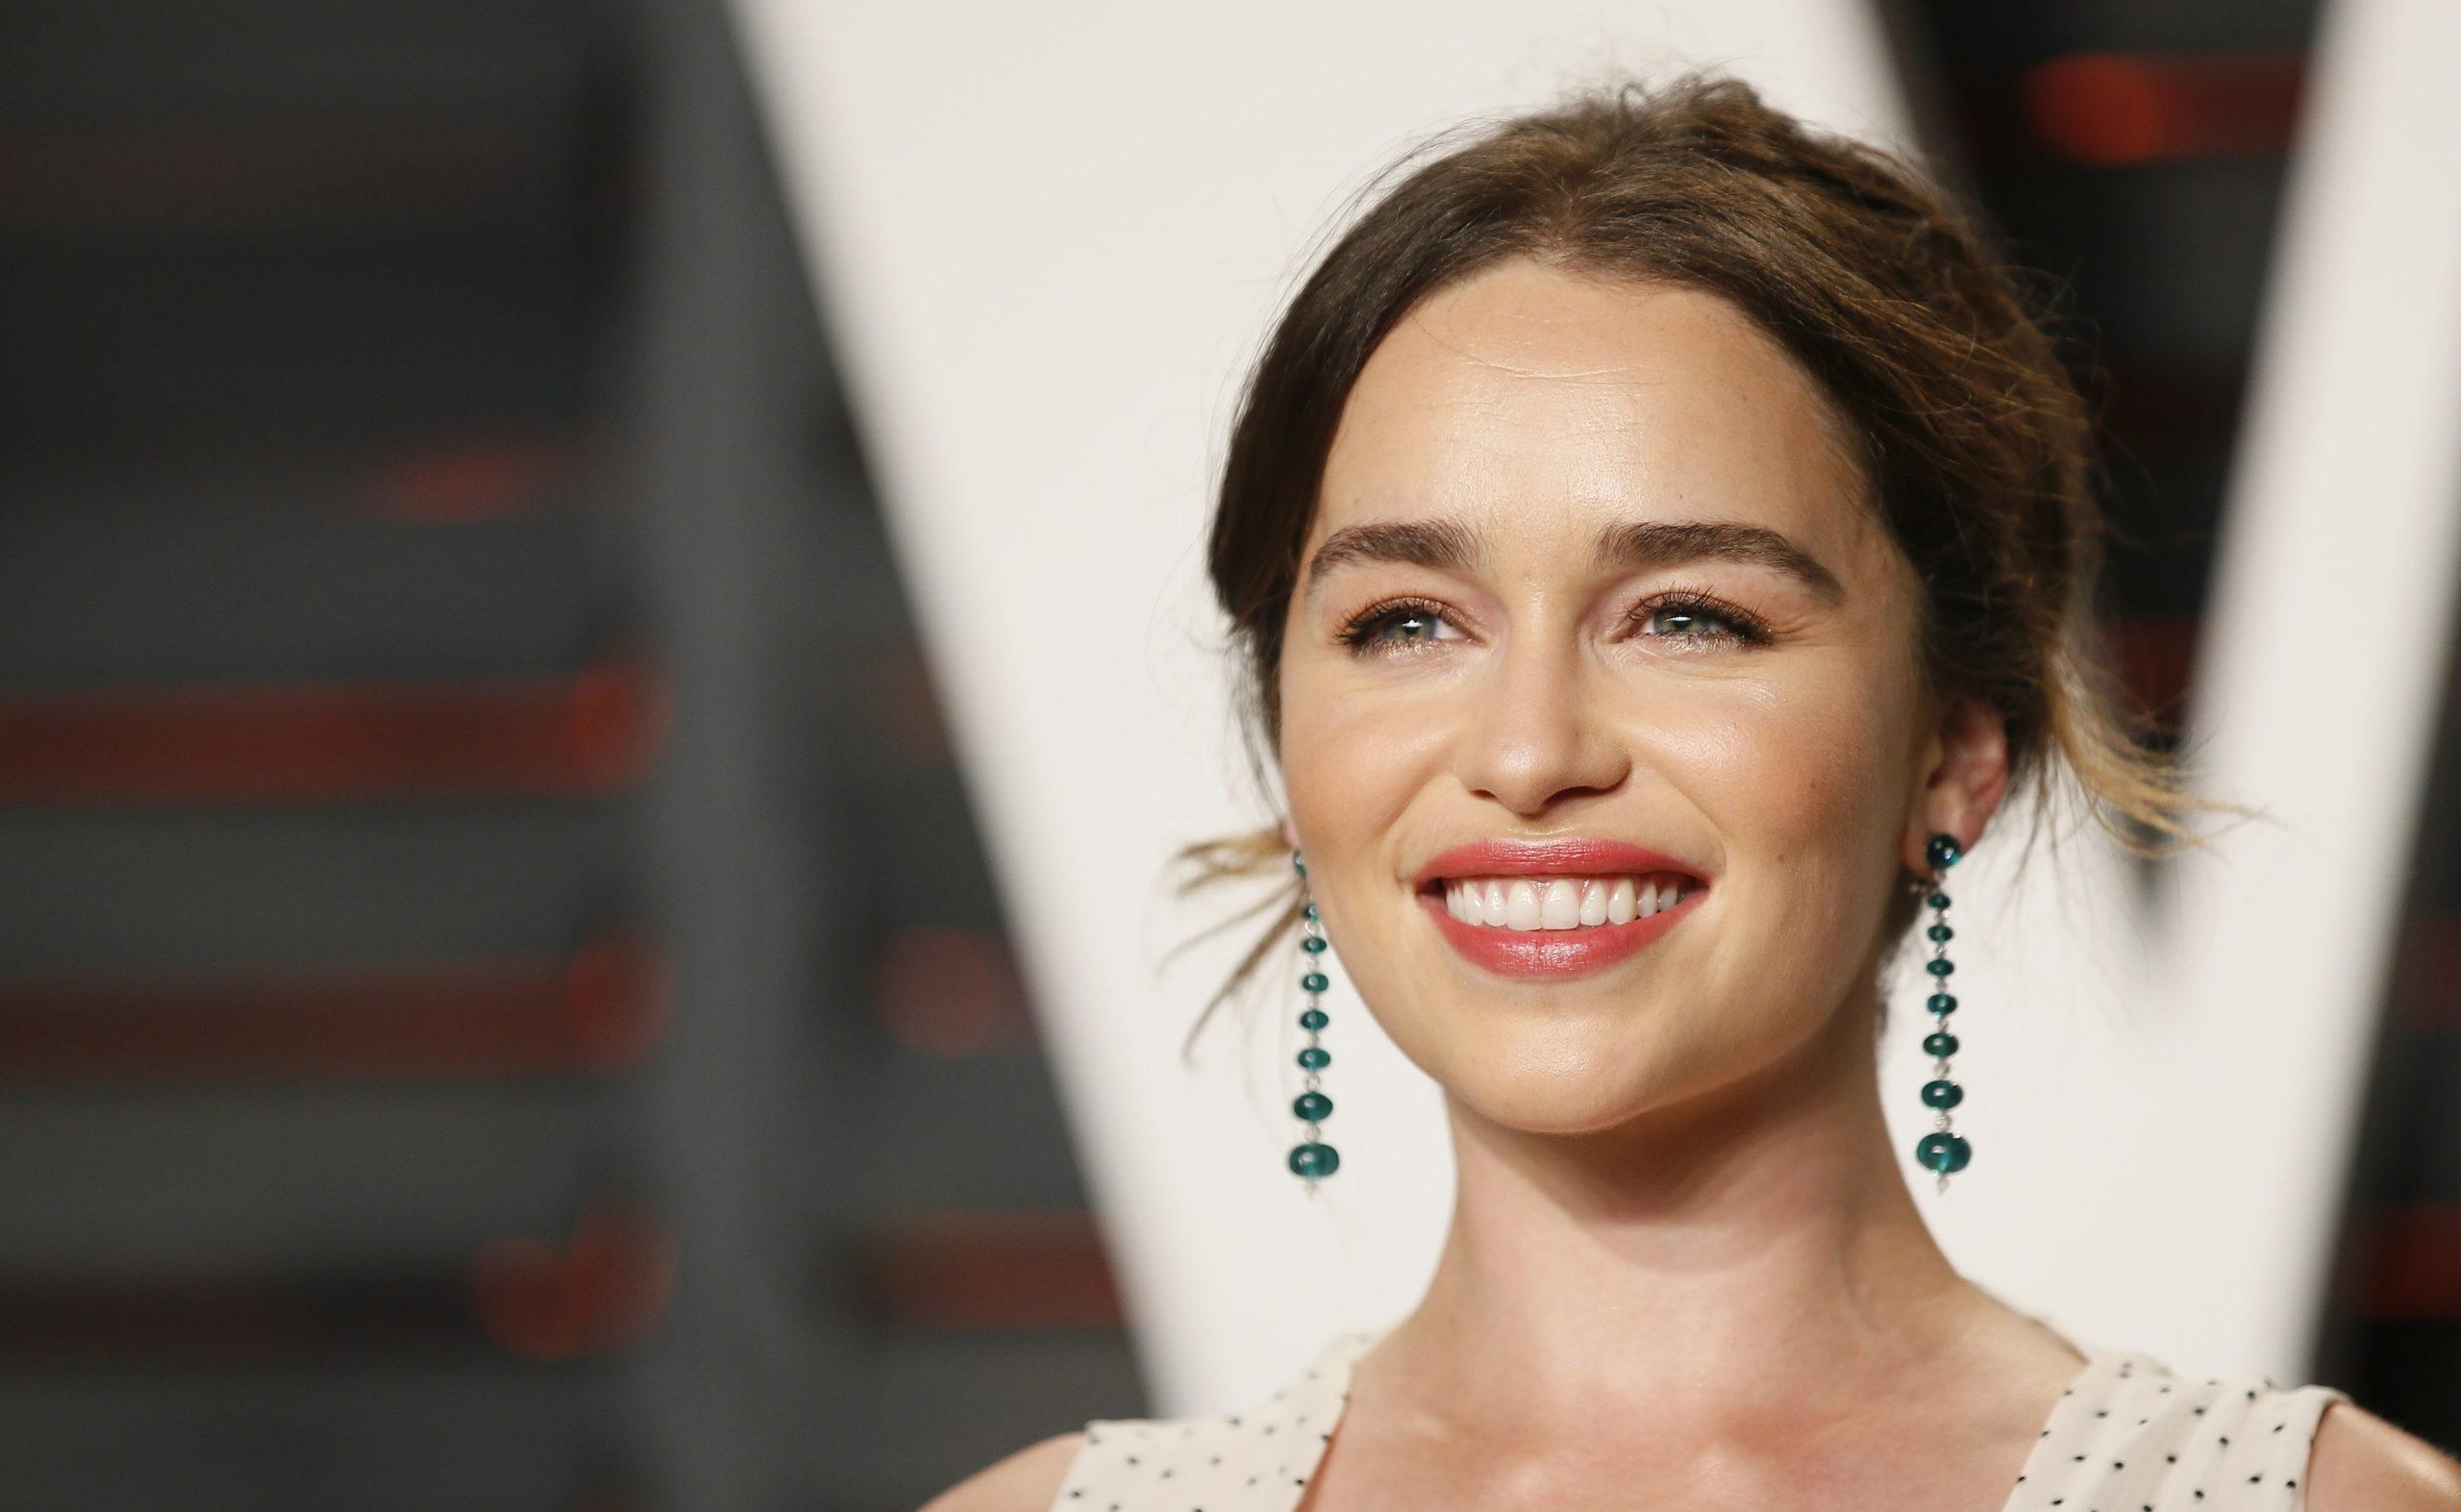 امیلیا کلارک با بازی در مهم ترین نقشش تا به امروز، دنریس تارگرین در سریال Game of Thrones به شهرتی جهانی رسید